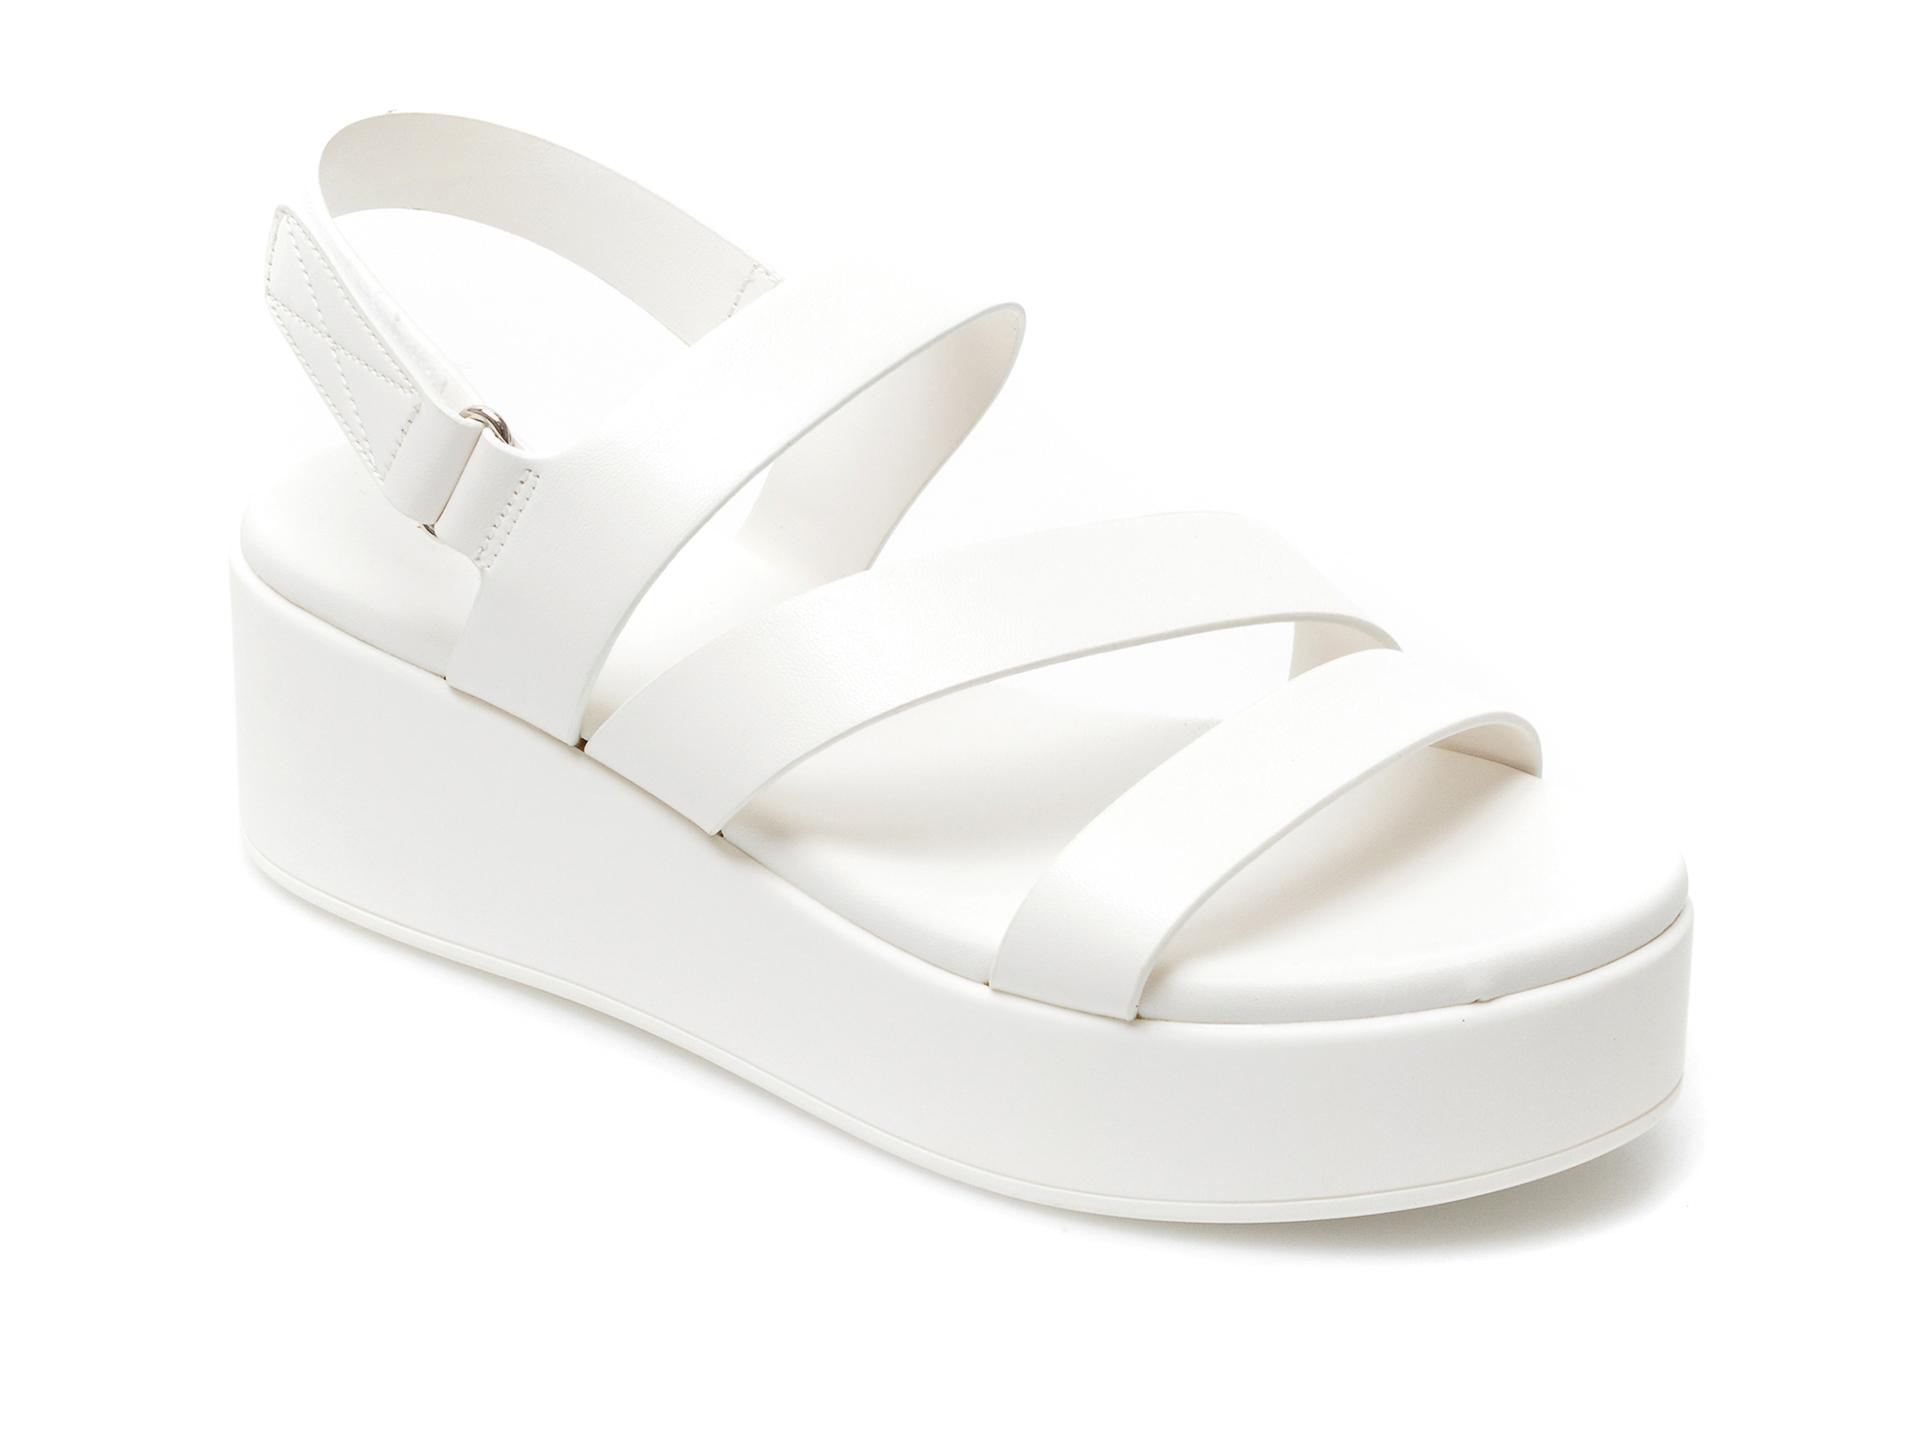 Sandale ALDO albe, Perwell100, din piele ecologica imagine otter.ro 2021